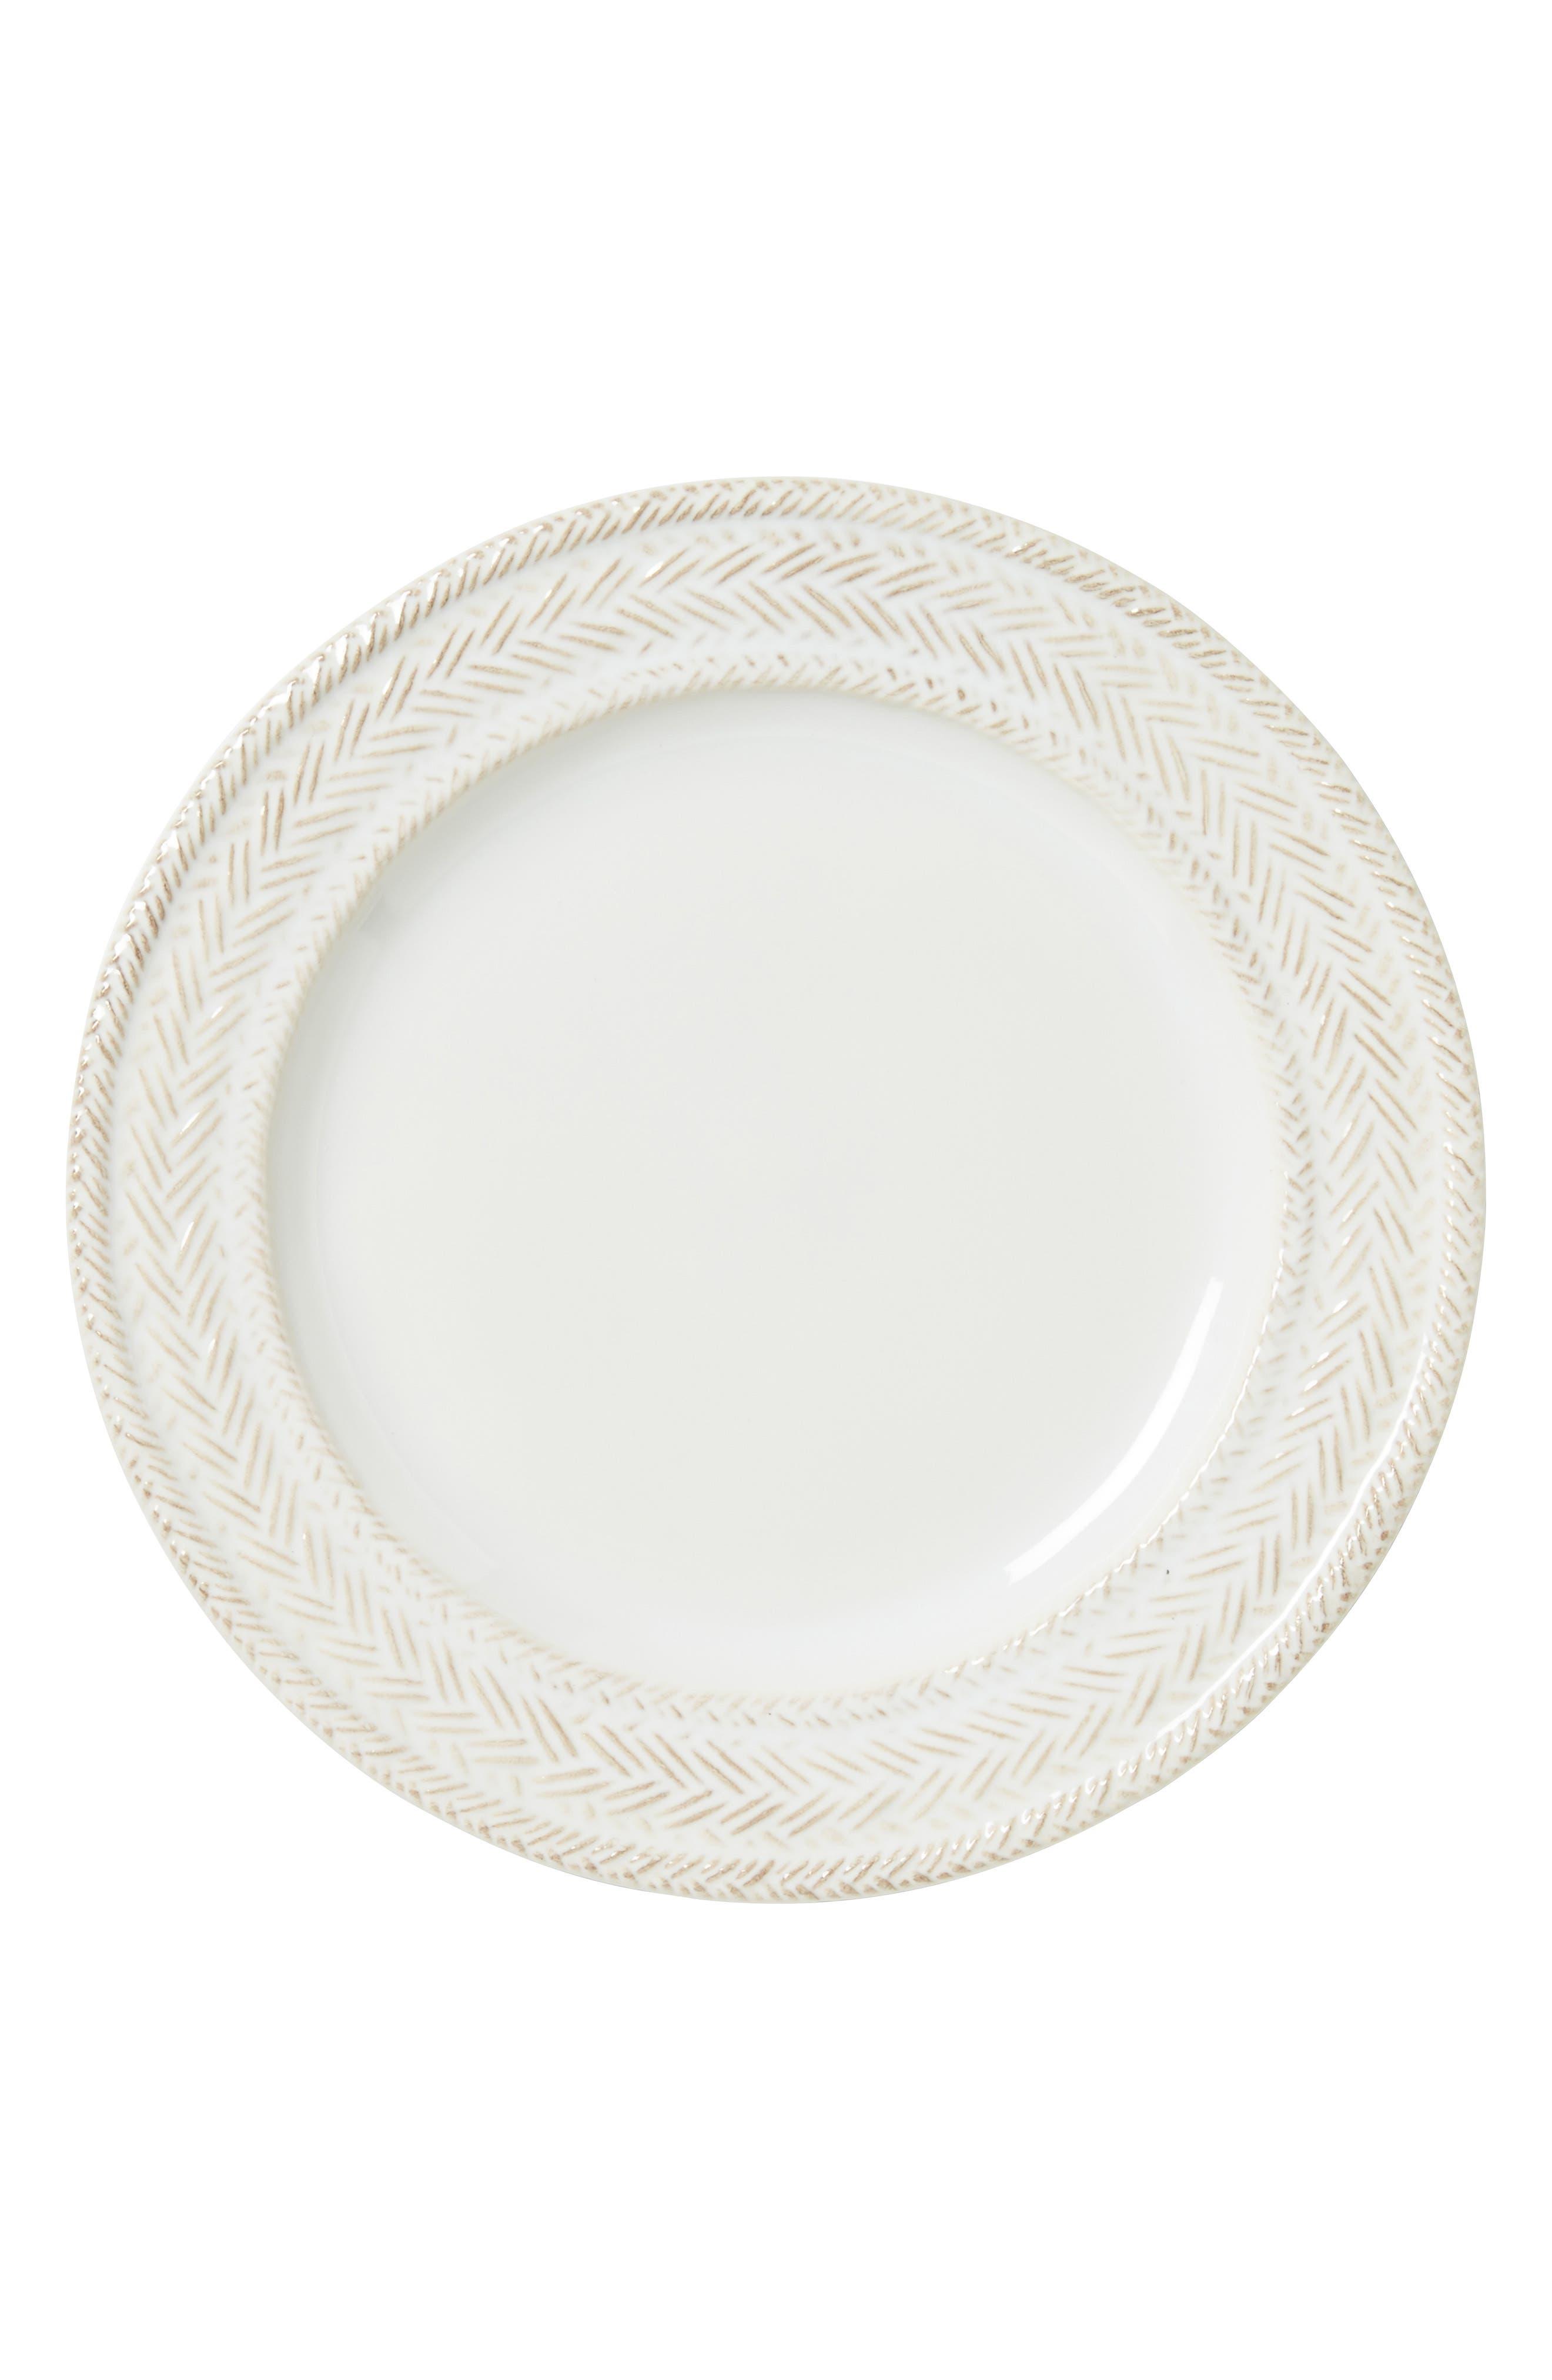 Le Panier Ceramic Salad Plate,                         Main,                         color, Whitewash